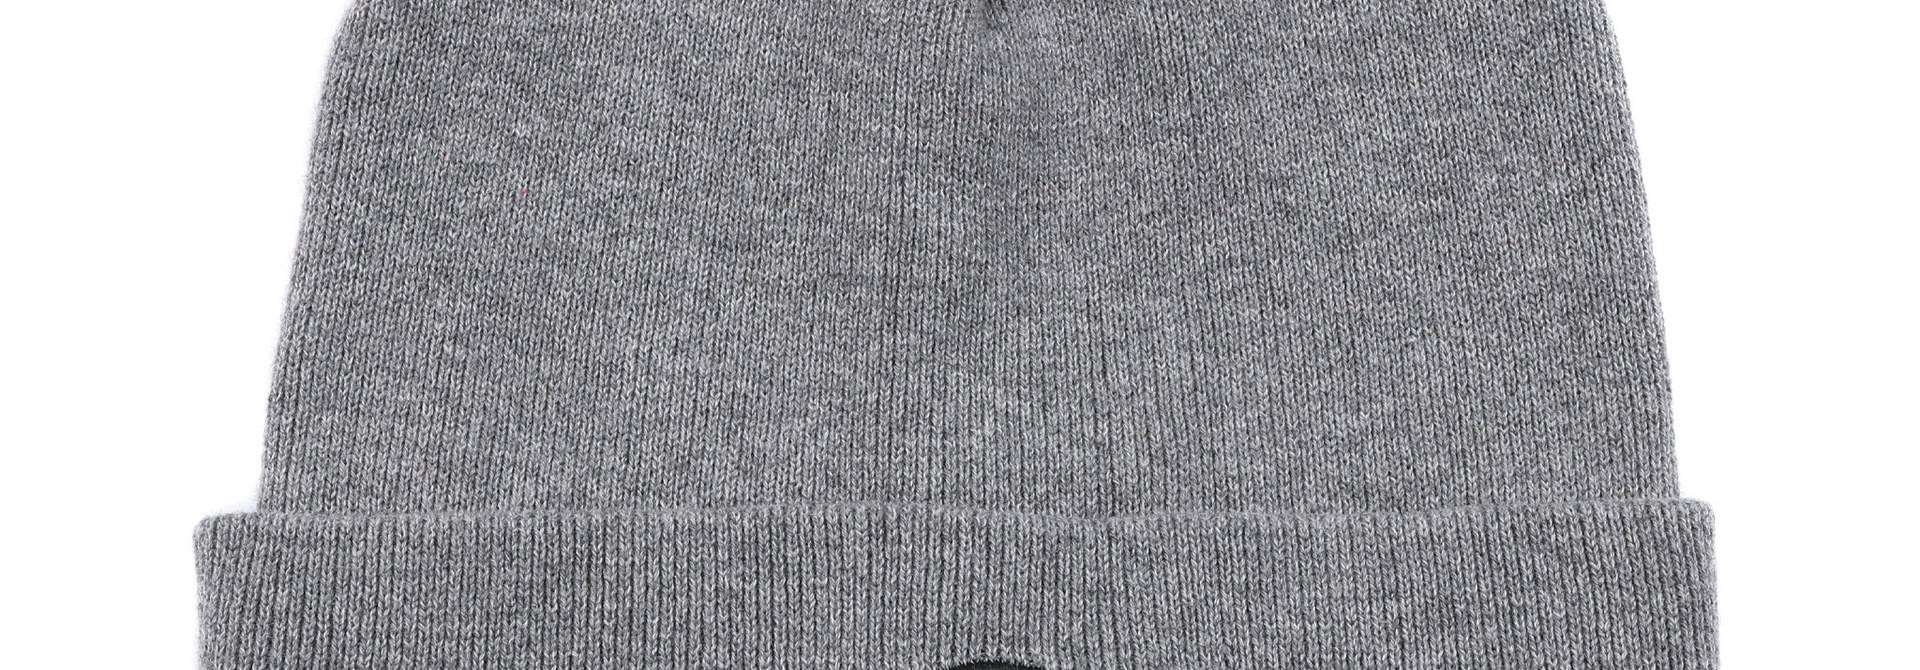 Tuque en tricot Grise